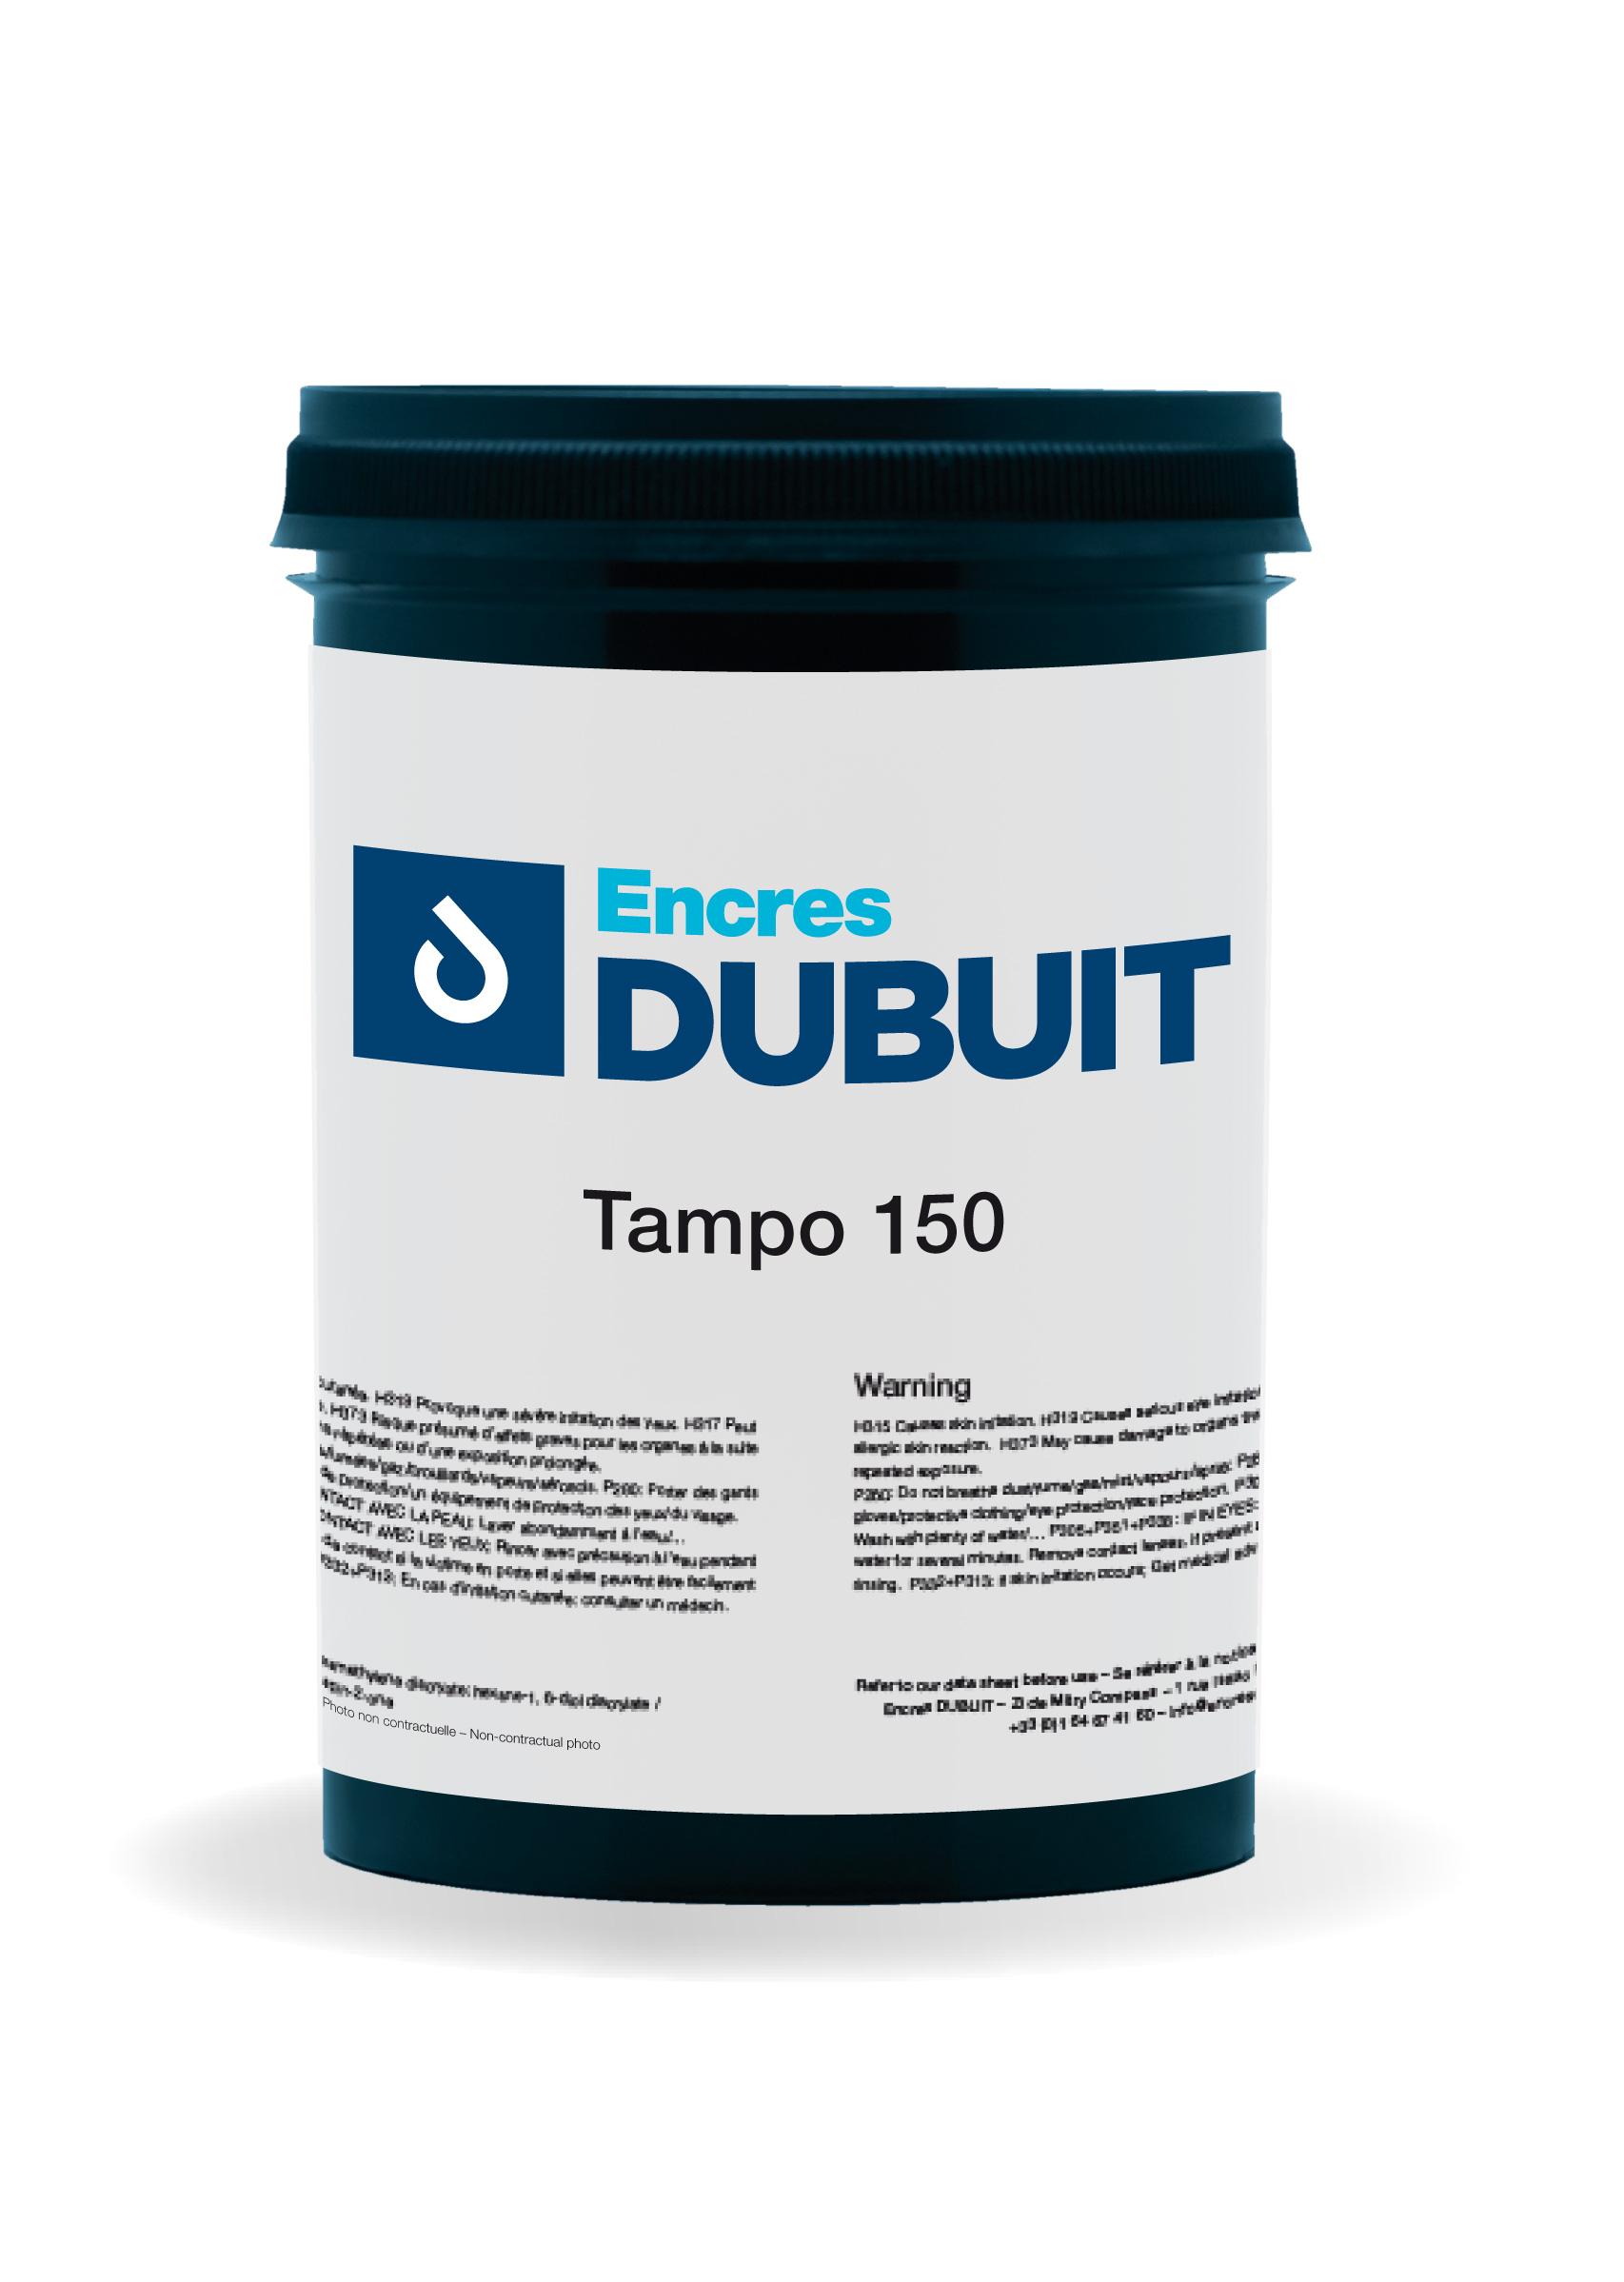 Serie T150 Encres DUBUIT Pad Printing Ink